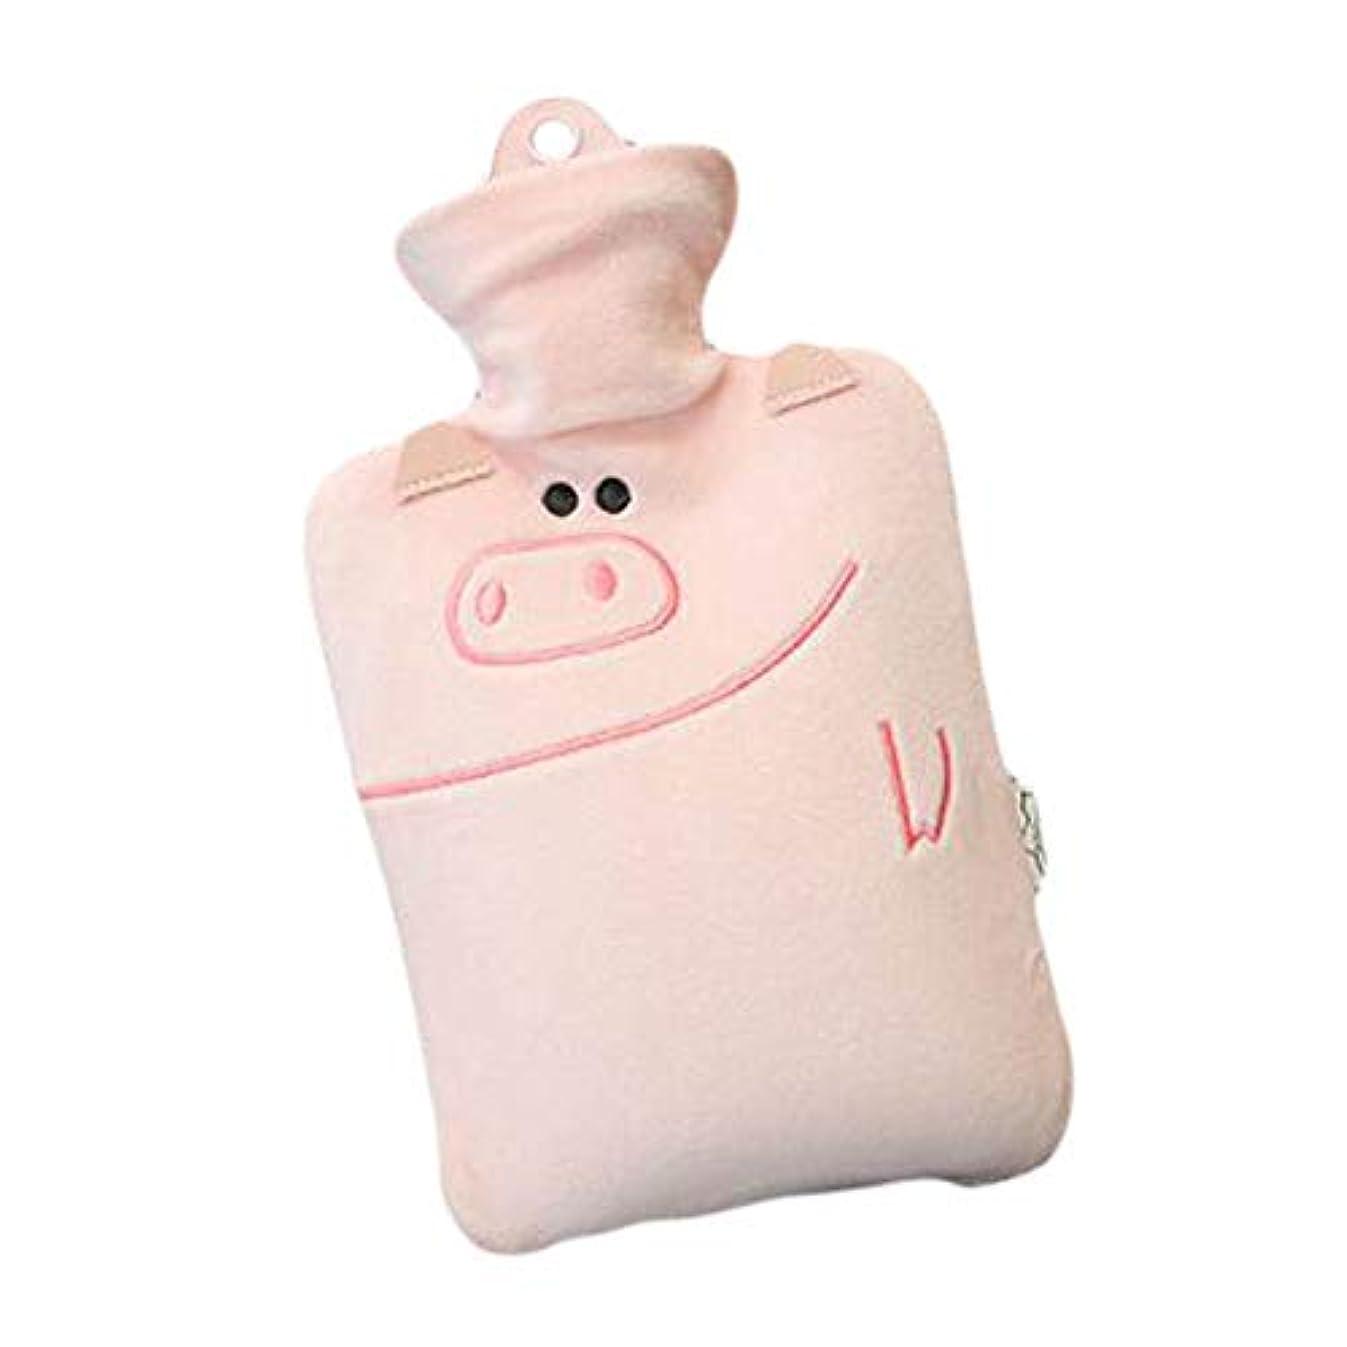 インタネットを見る上へフェローシップ愛らしいピンクの豚のパターン400 MLホットウォーターボトル